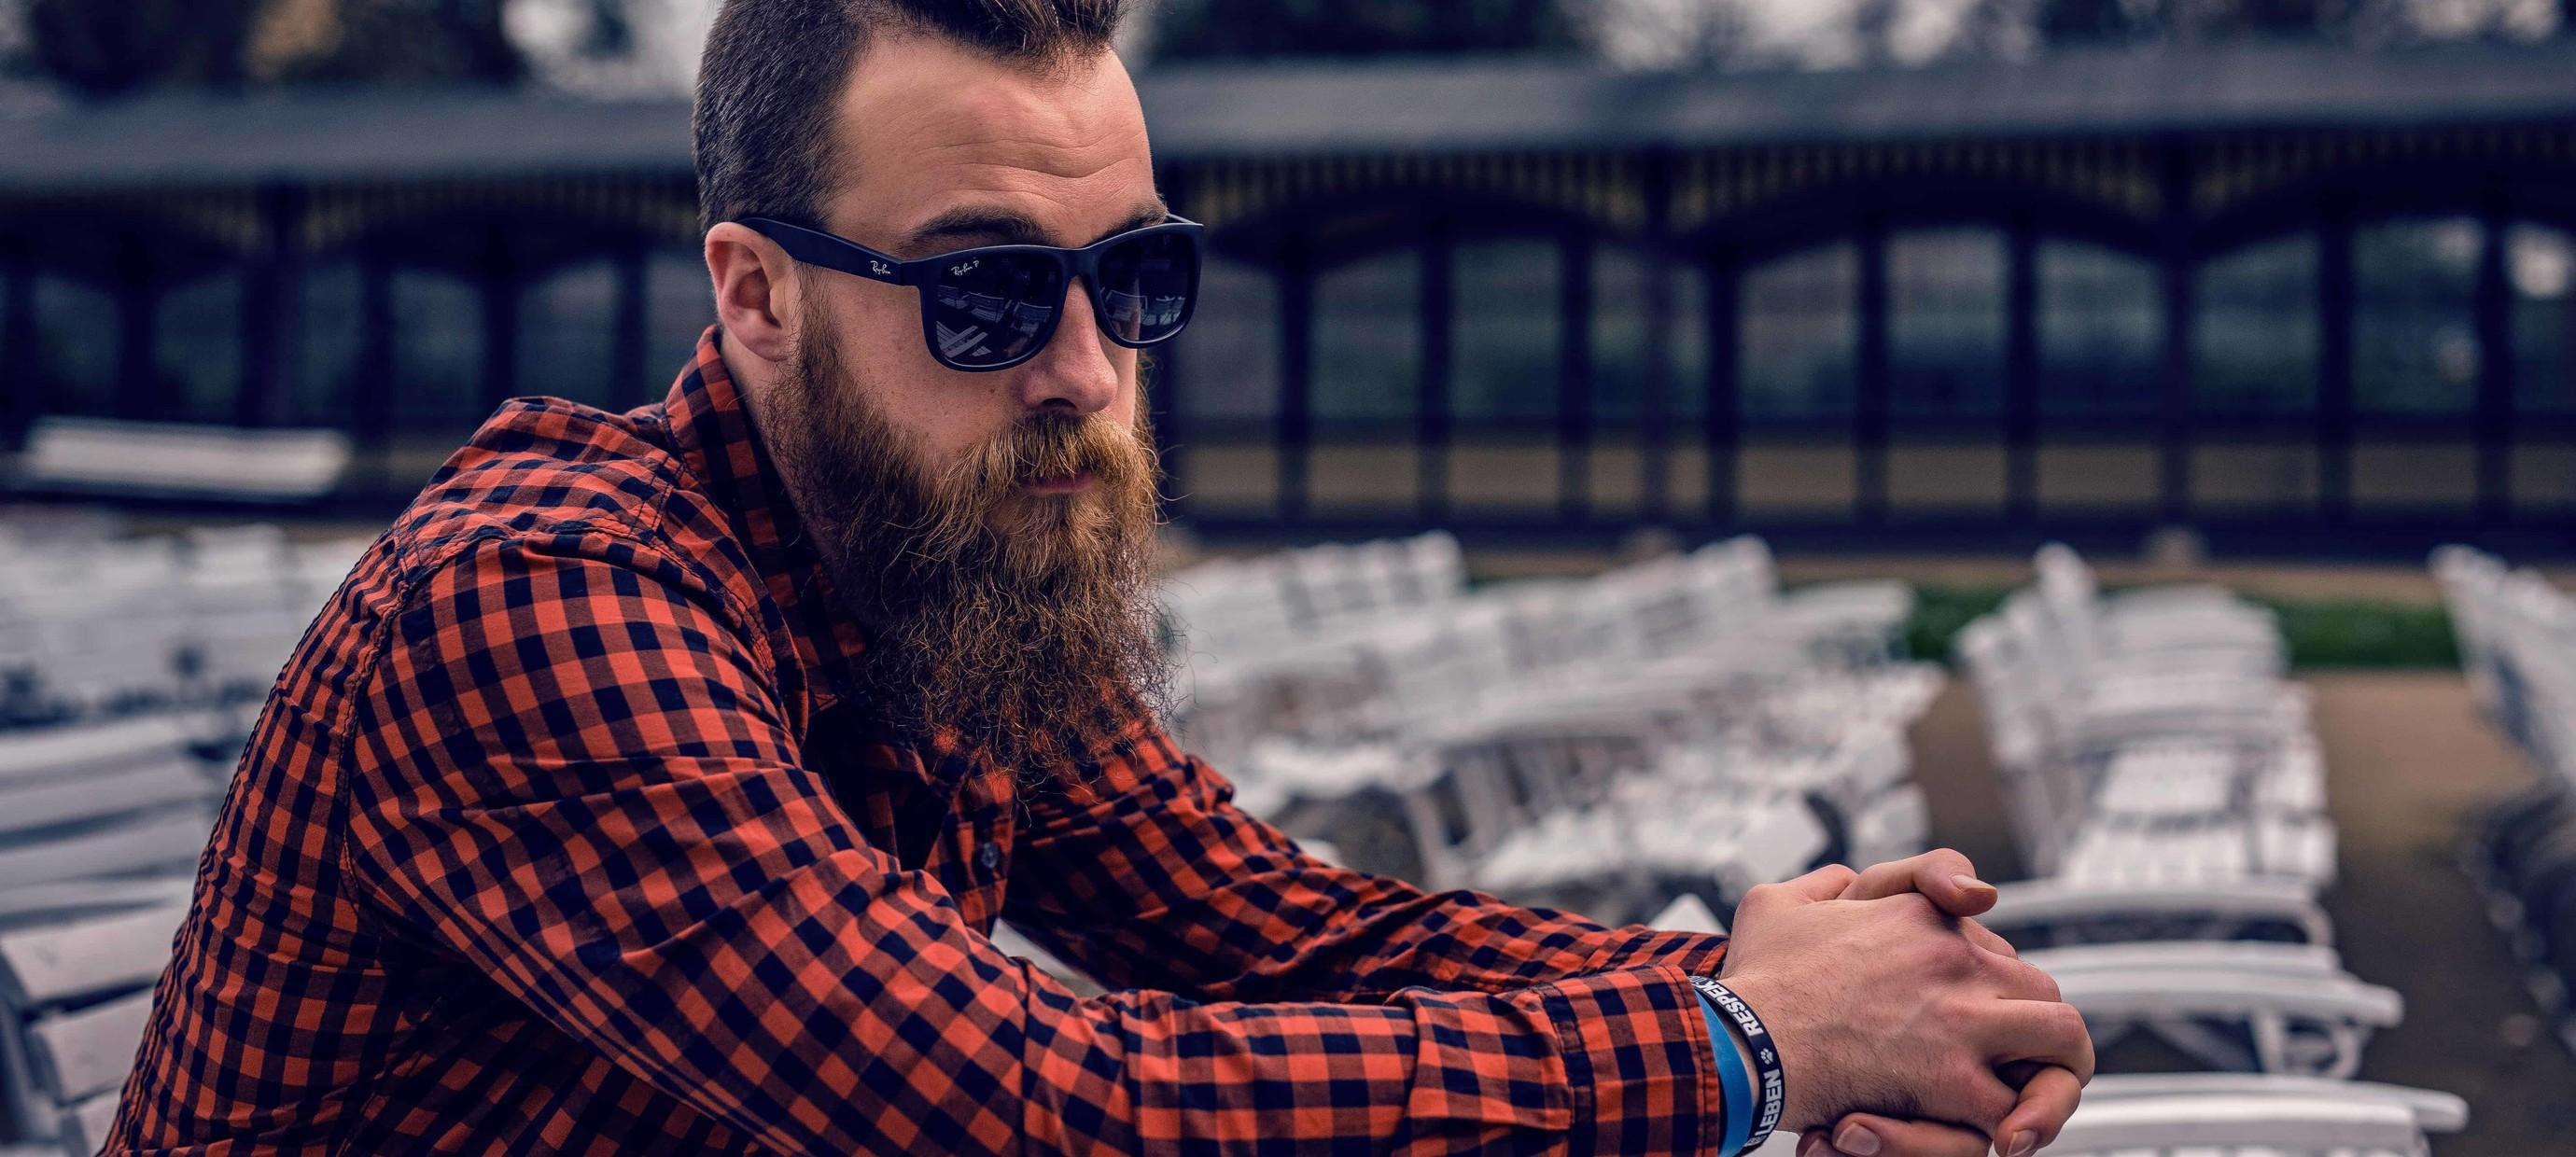 Hoe je baard in opperbeste conditie houden?